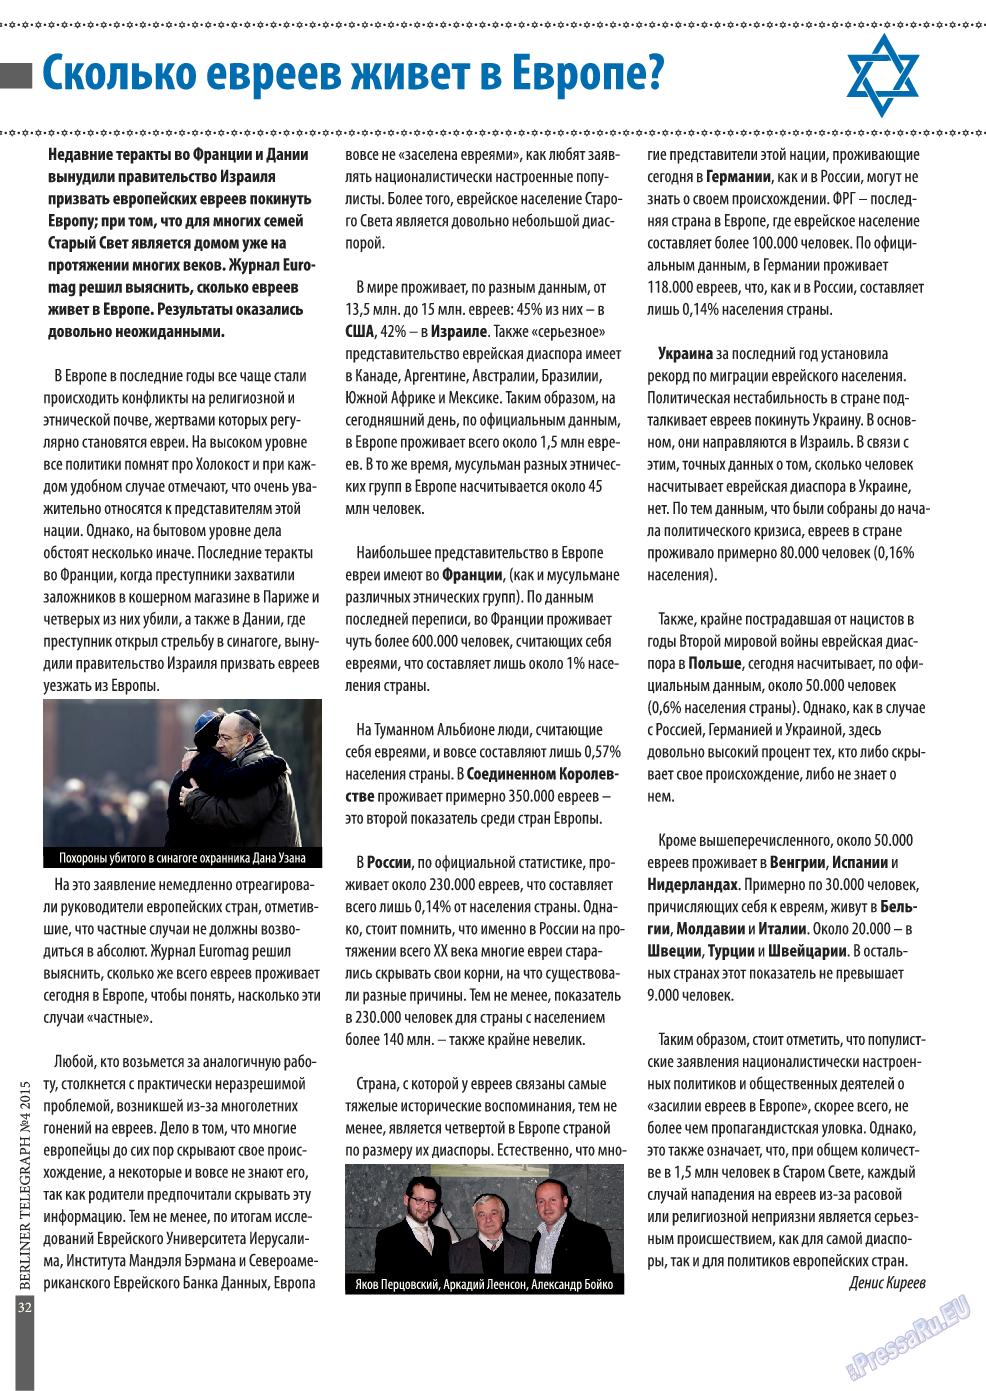 Берлинский телеграф (журнал). 2015 год, номер 4, стр. 32